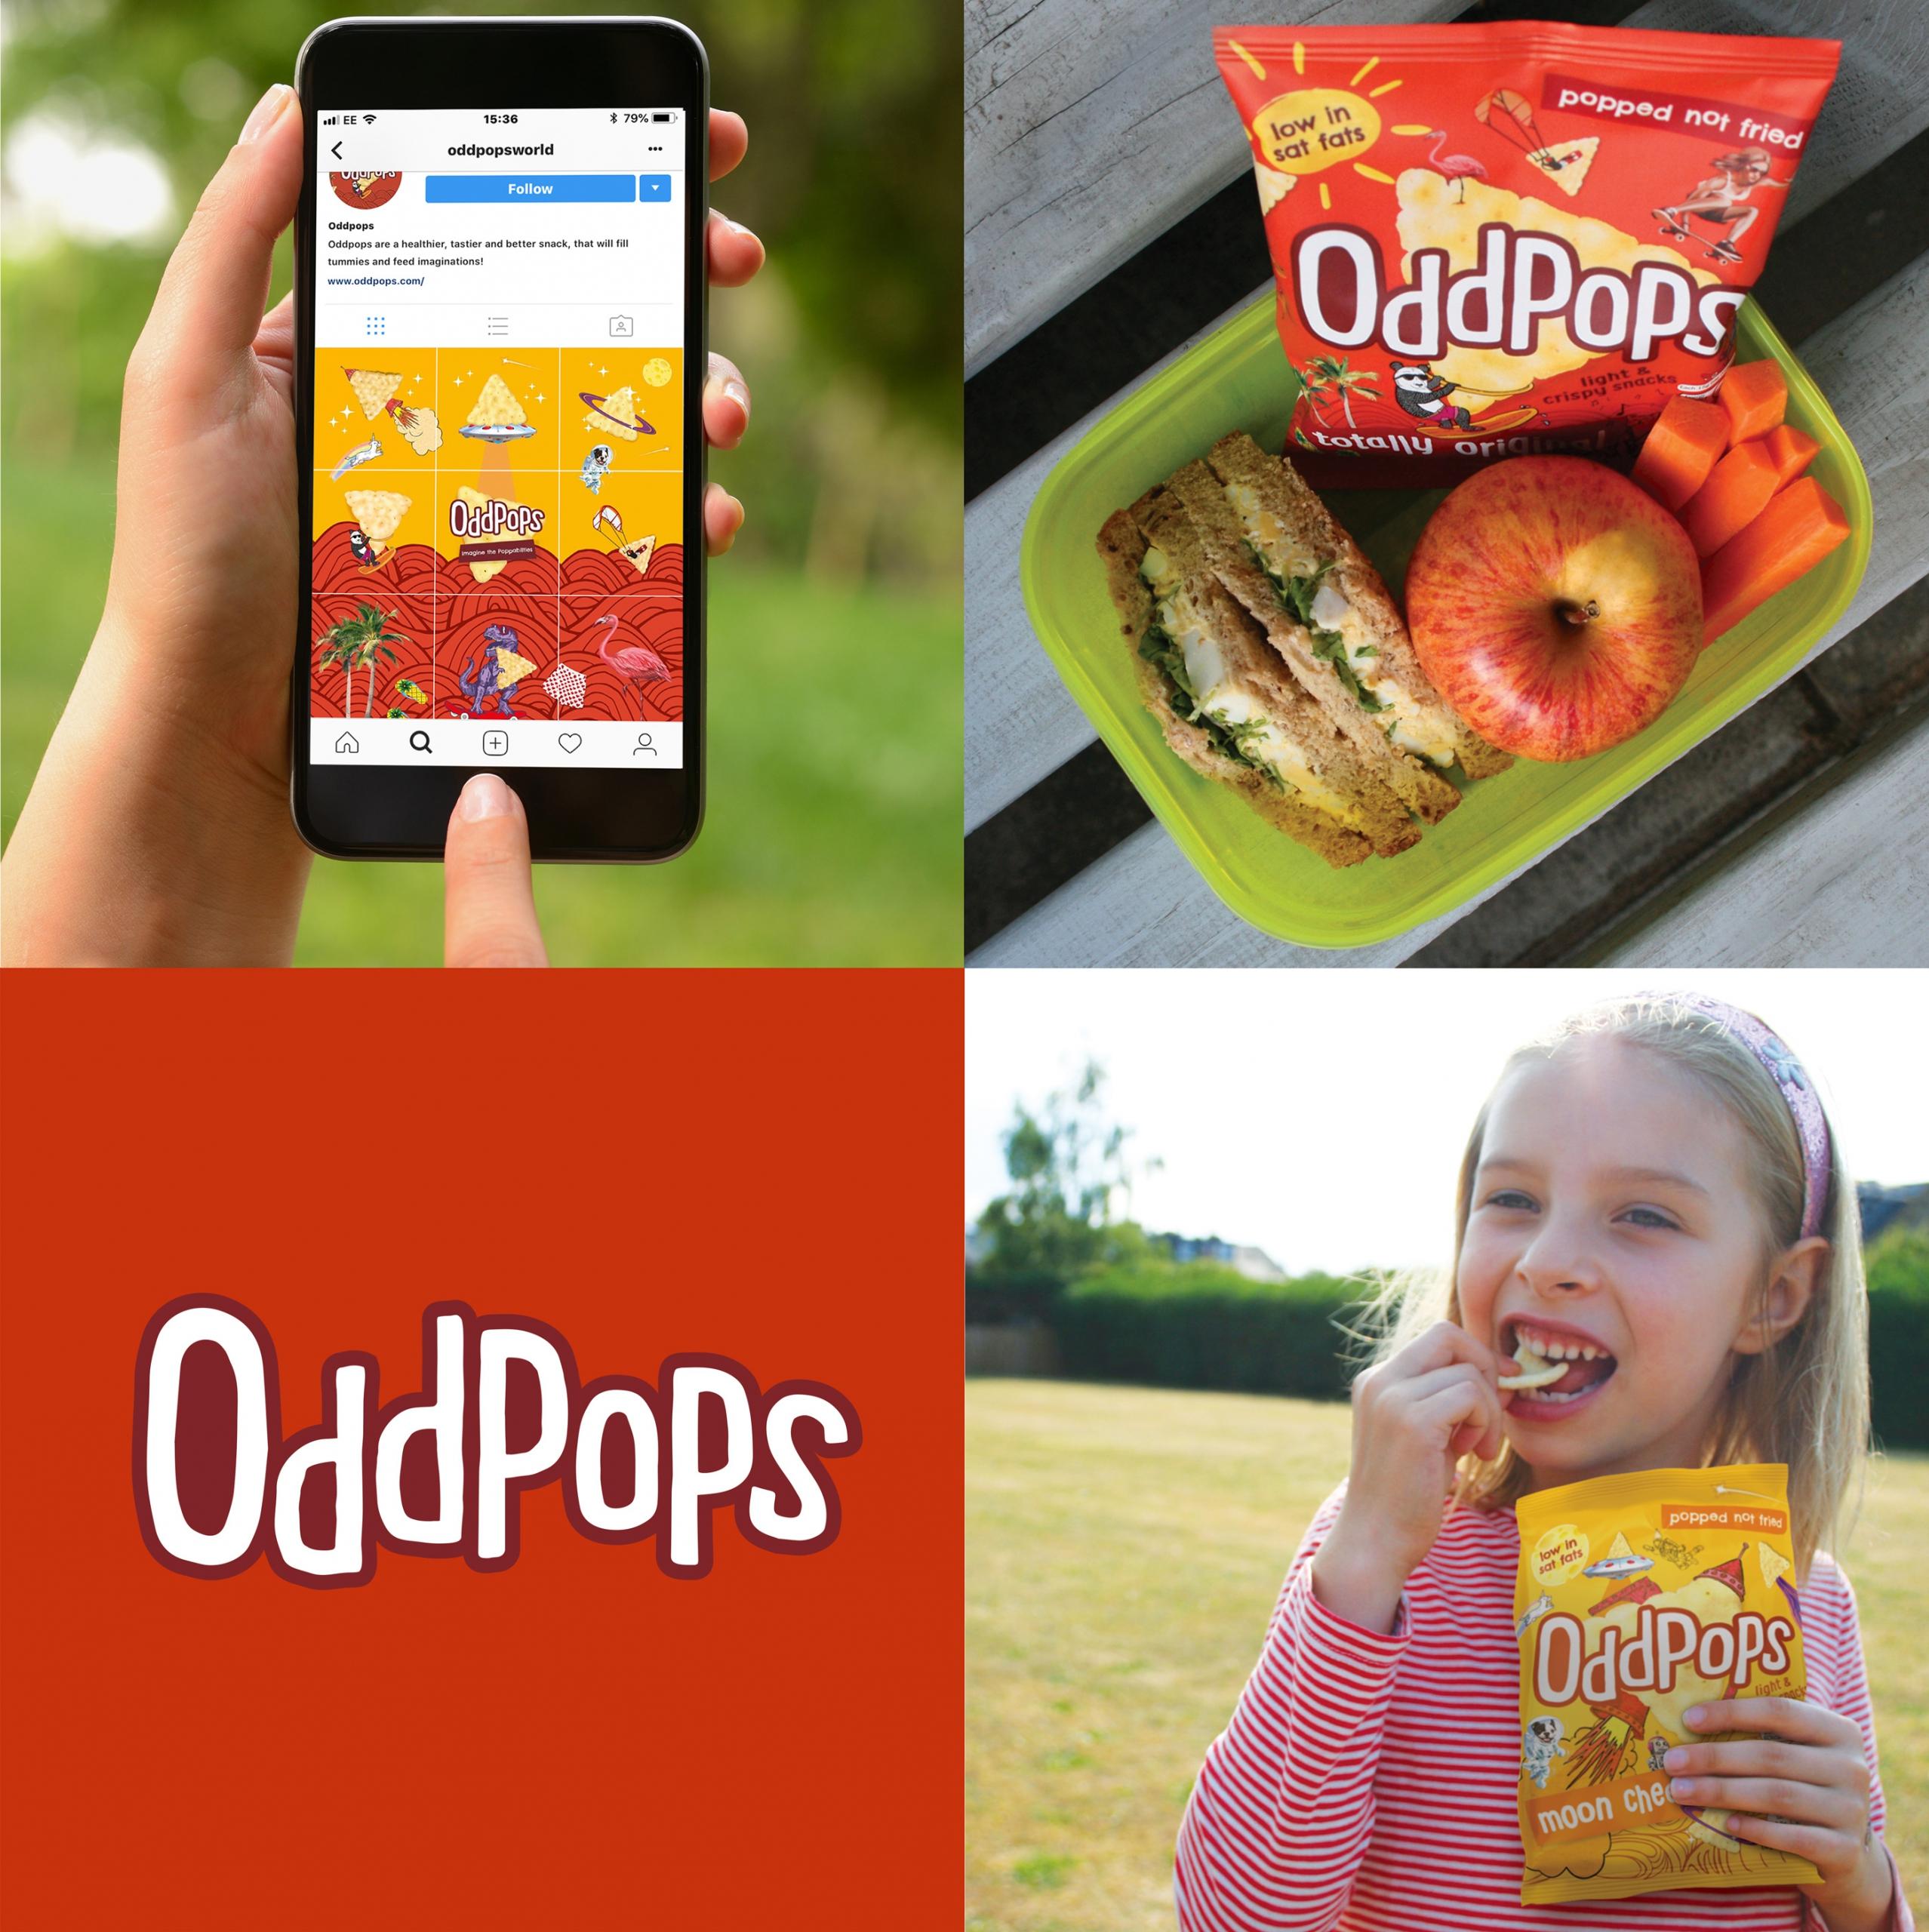 Lifestyle shots of Oddpops crisp branding